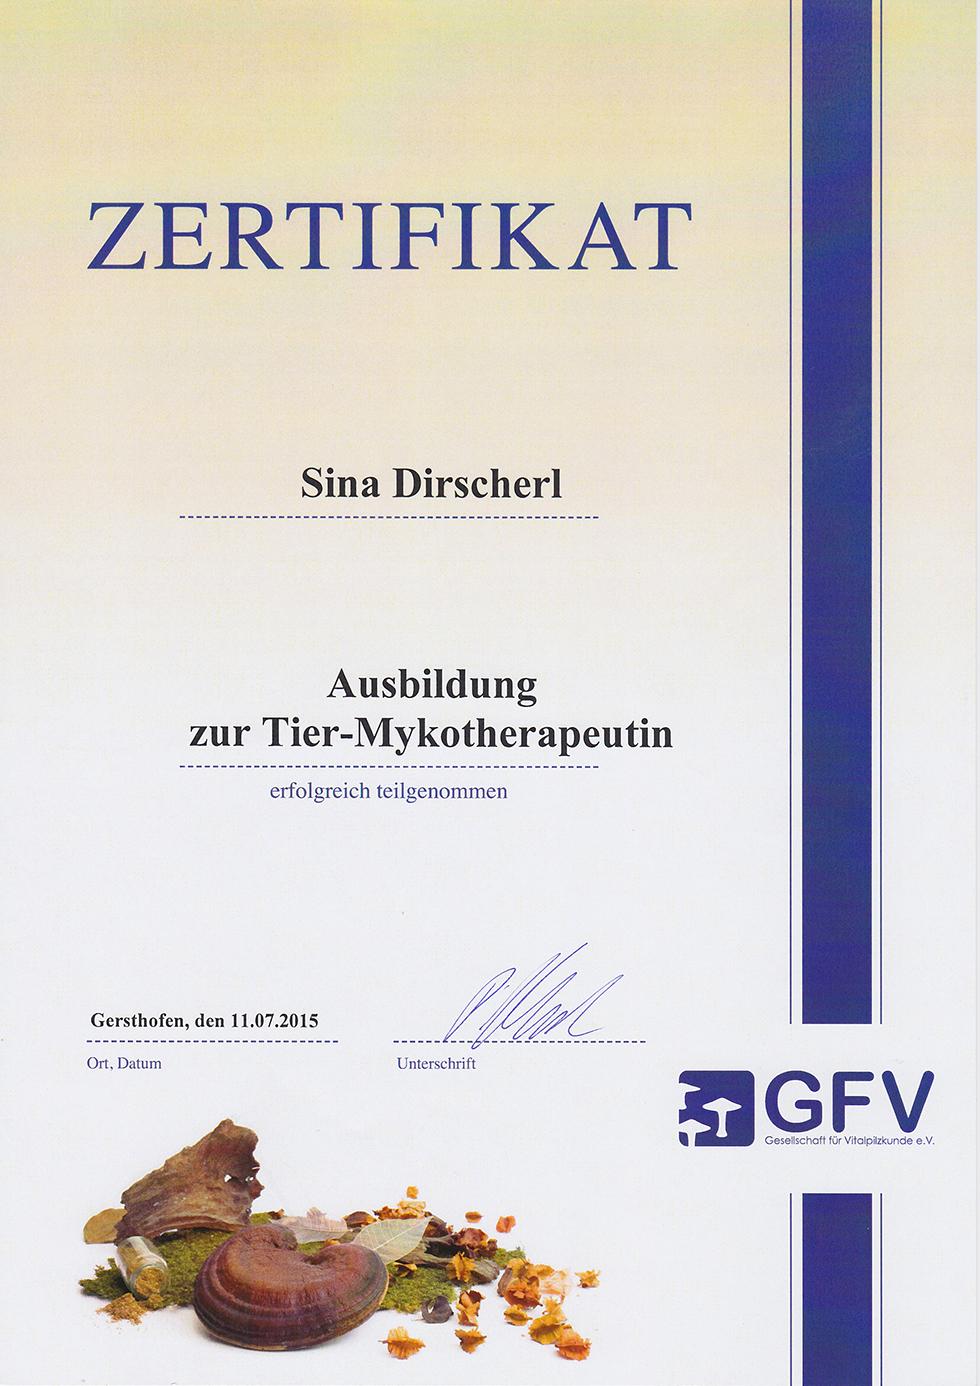 Zertifikat - Ausbildung zur Tier-Mykotherapeutin